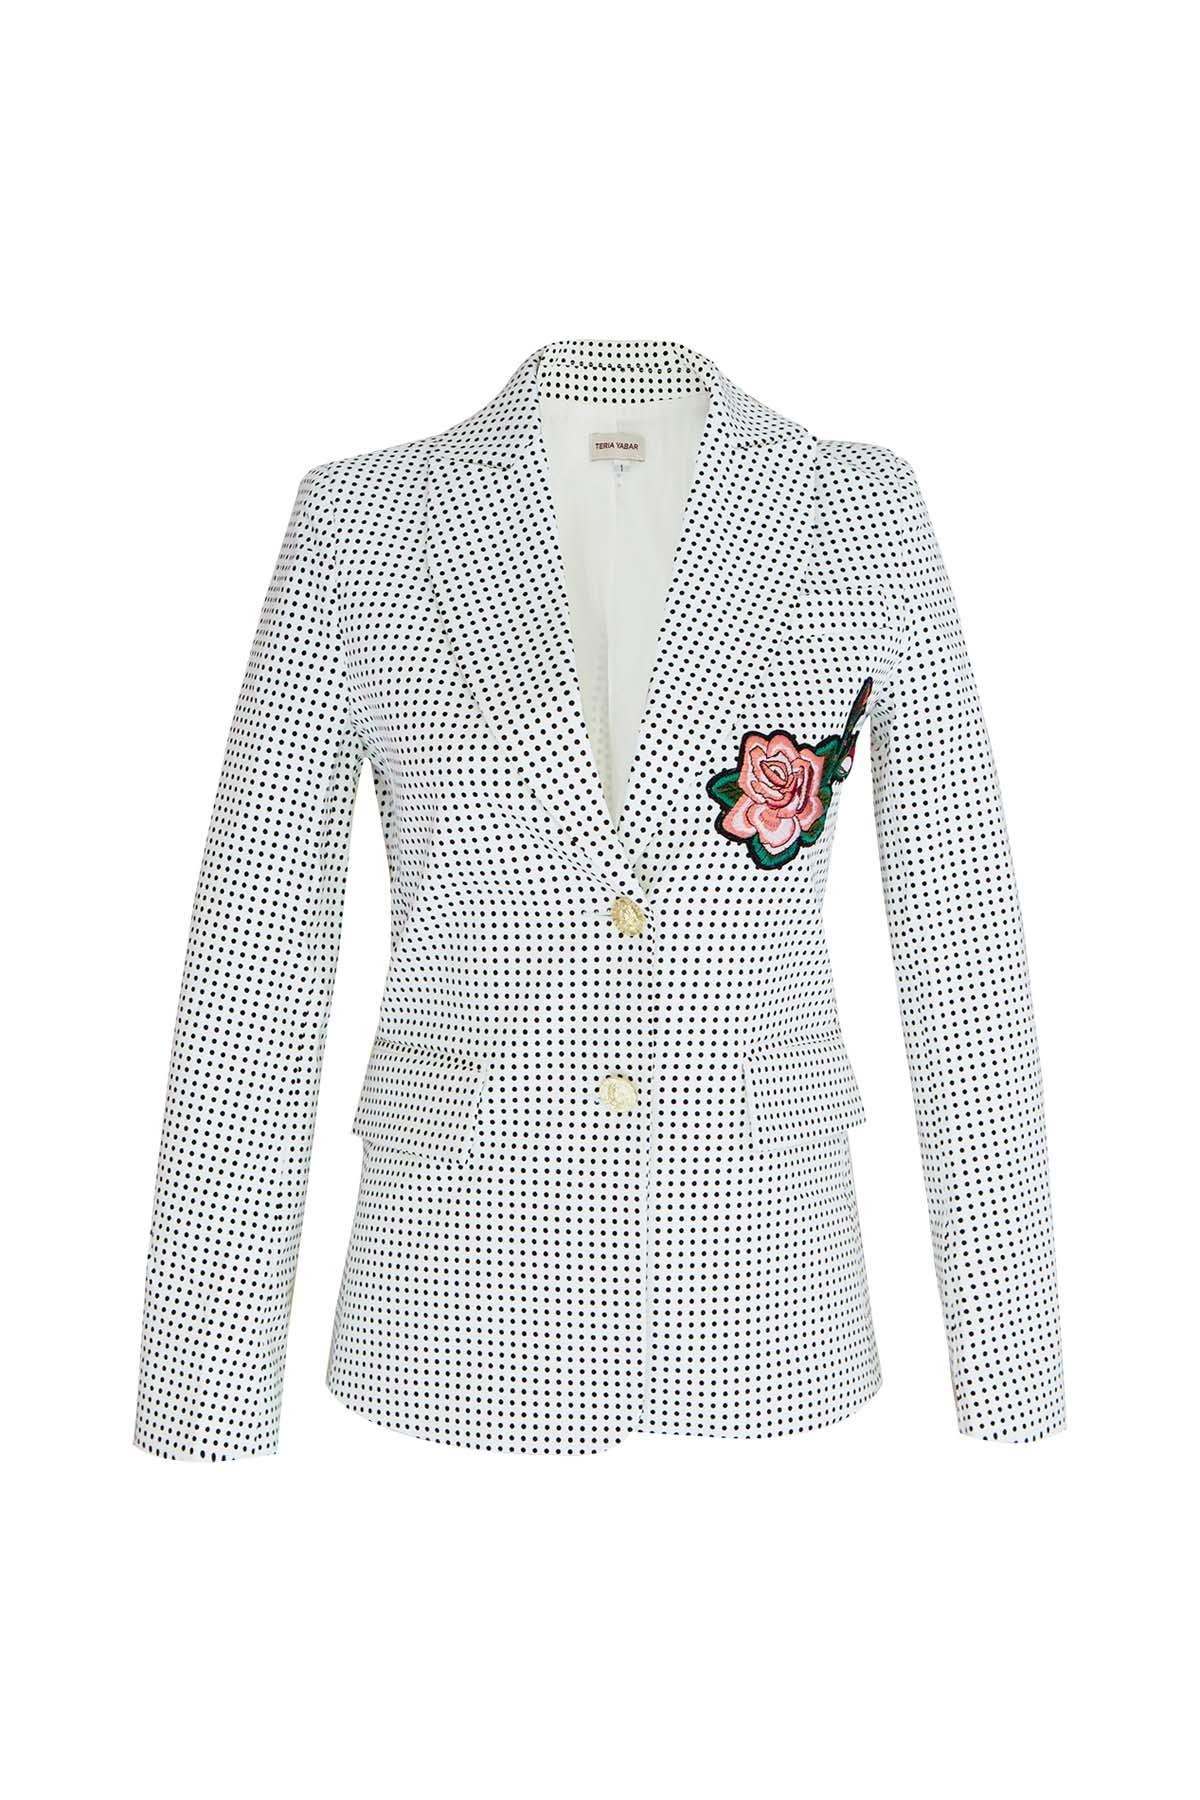 Teria Yabar - chaqueta sastre de lunares